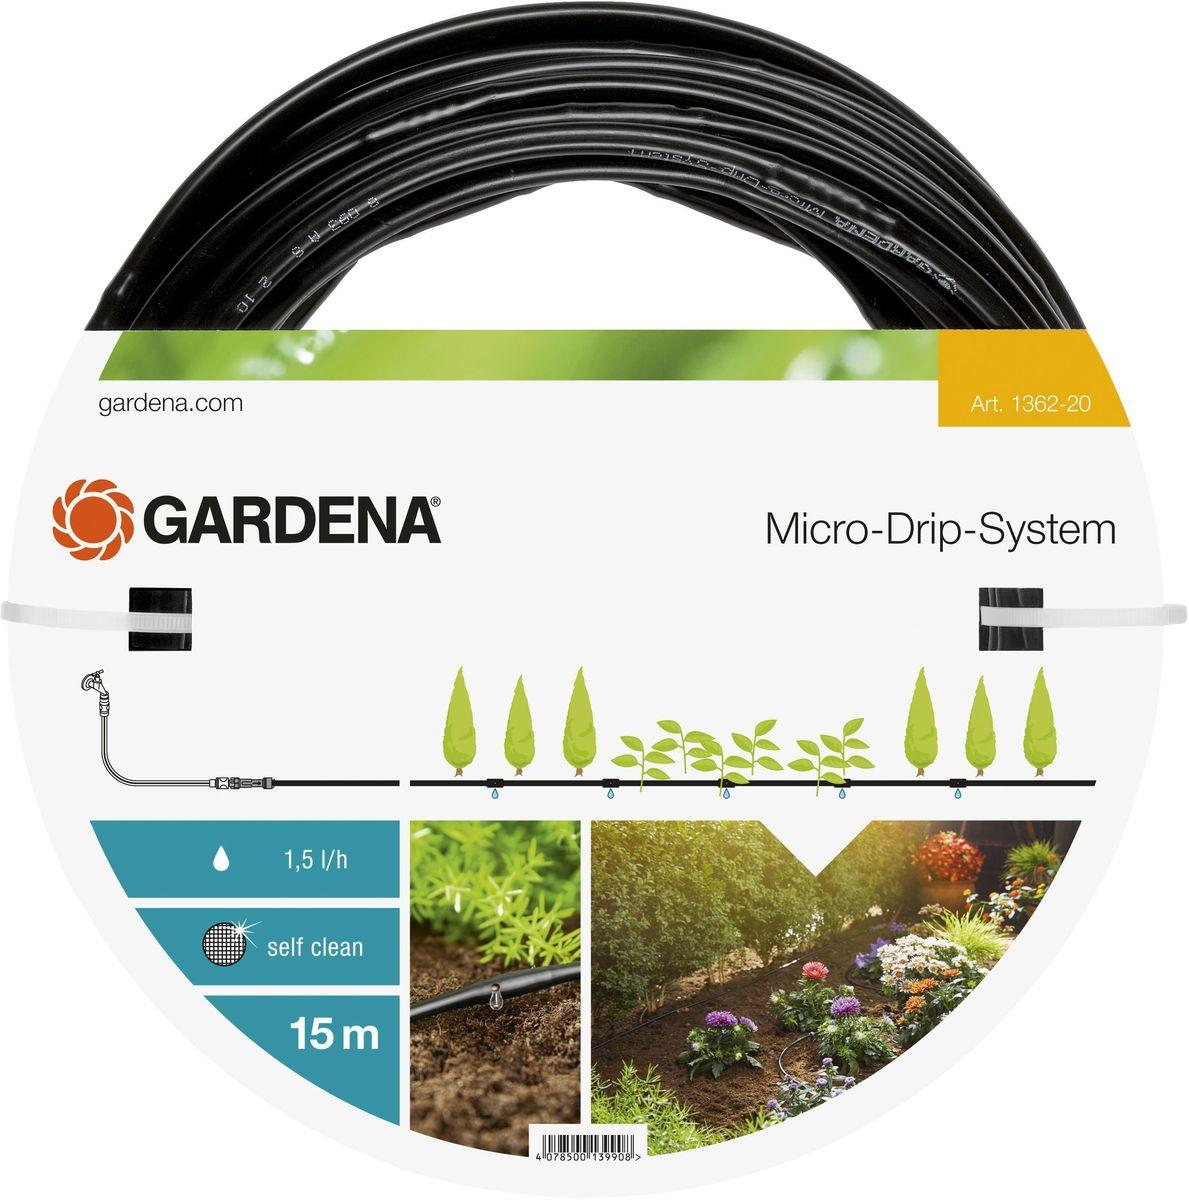 Шланг Gardena, сочащийся, для наземной прокладки, 4,6 мм (3/16), длина 15 м шланг сочащийся gardena 01362 20